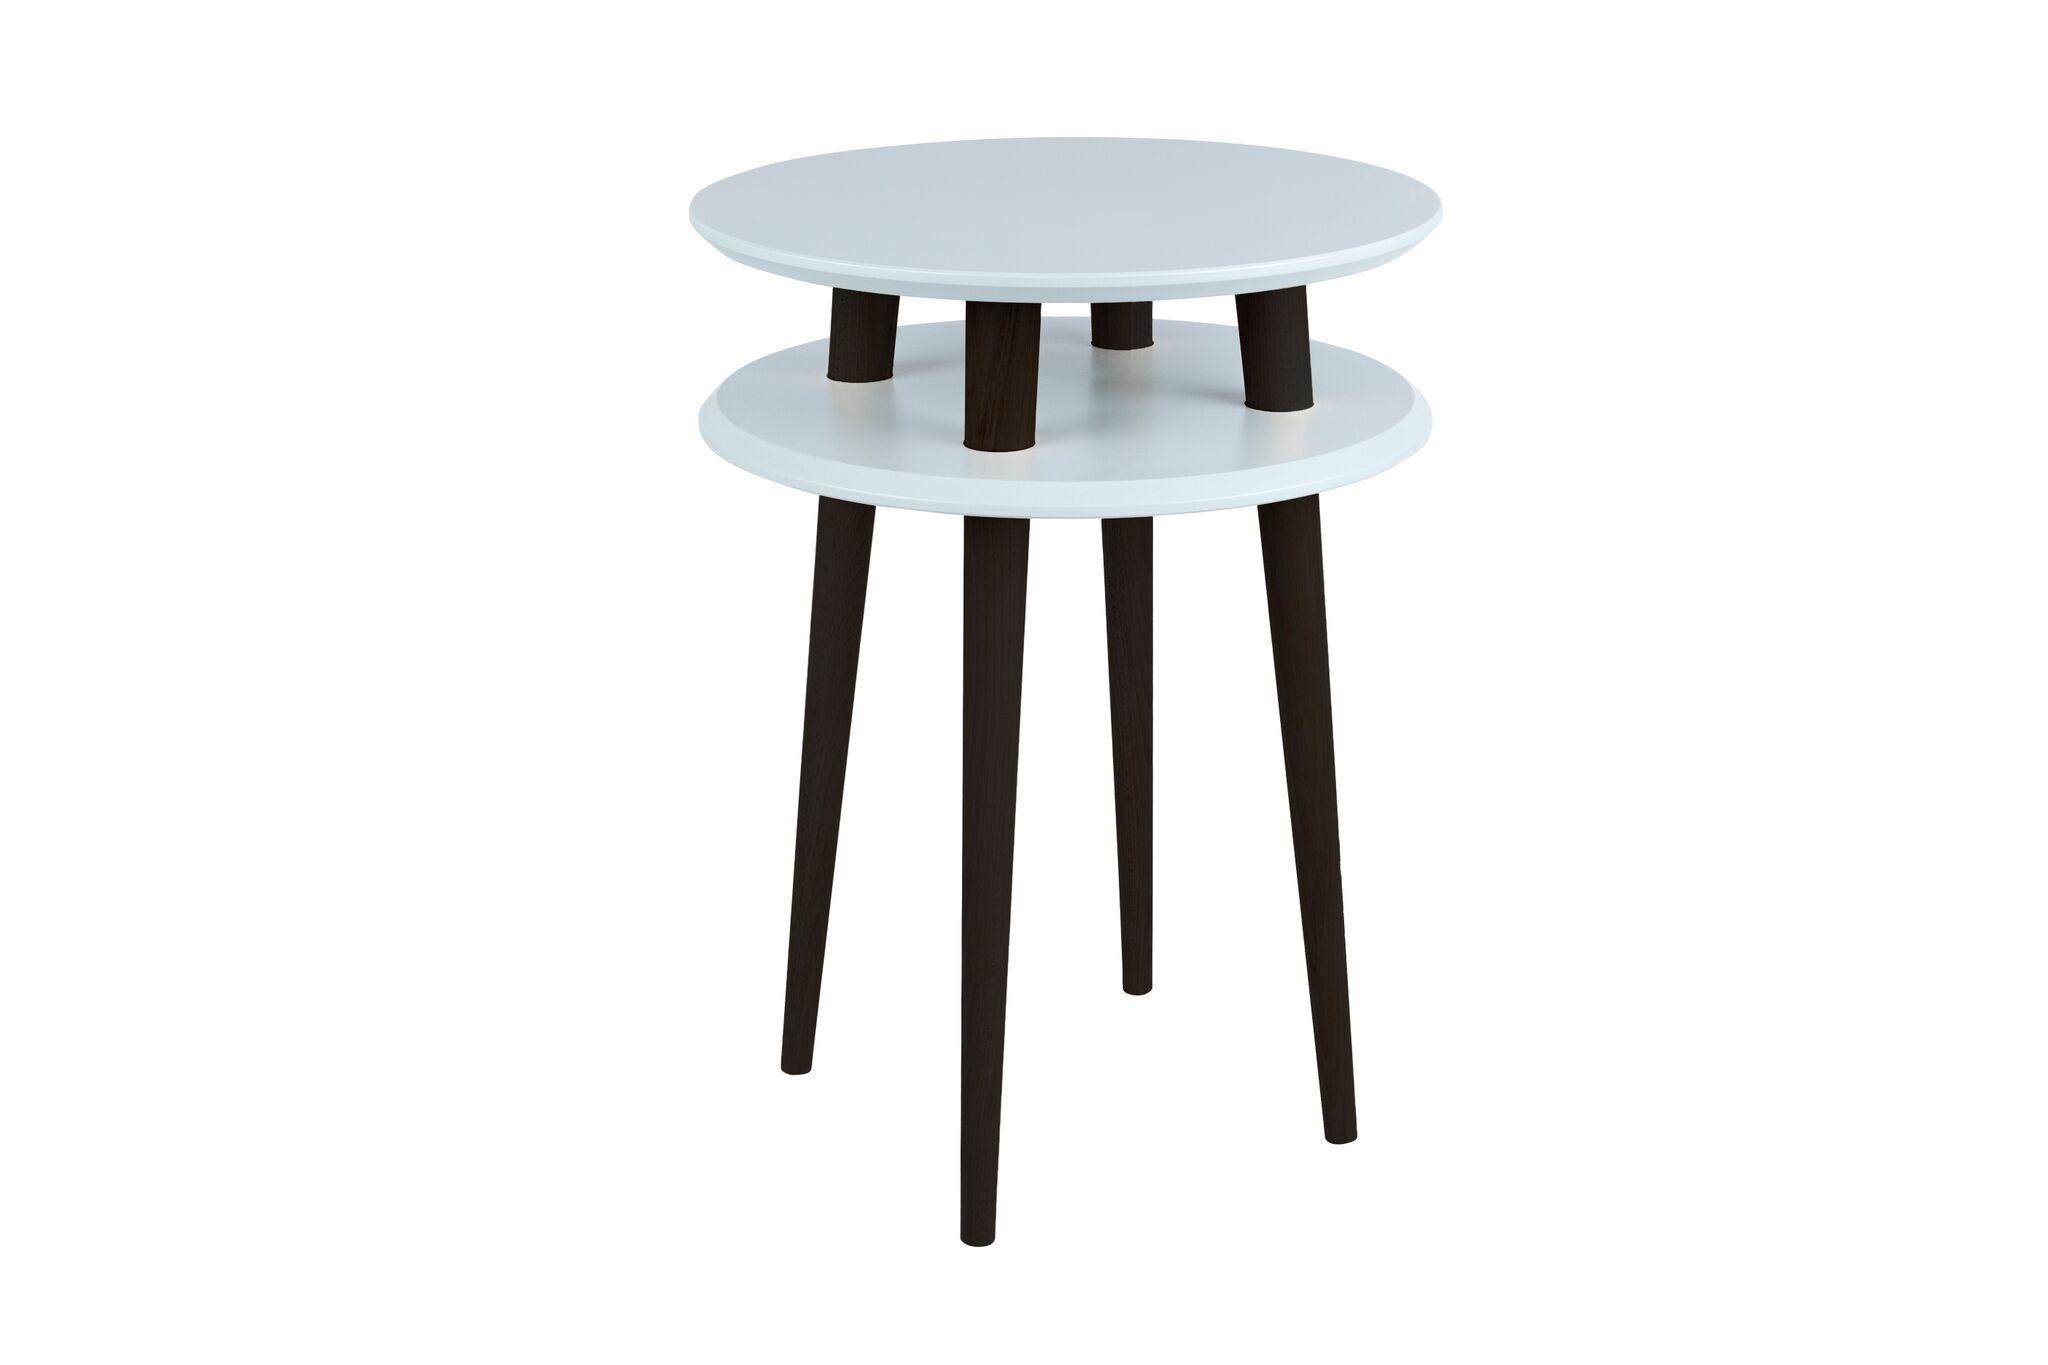 Masa de cafea Ufo High Light Grey / Black O45xh61 cm